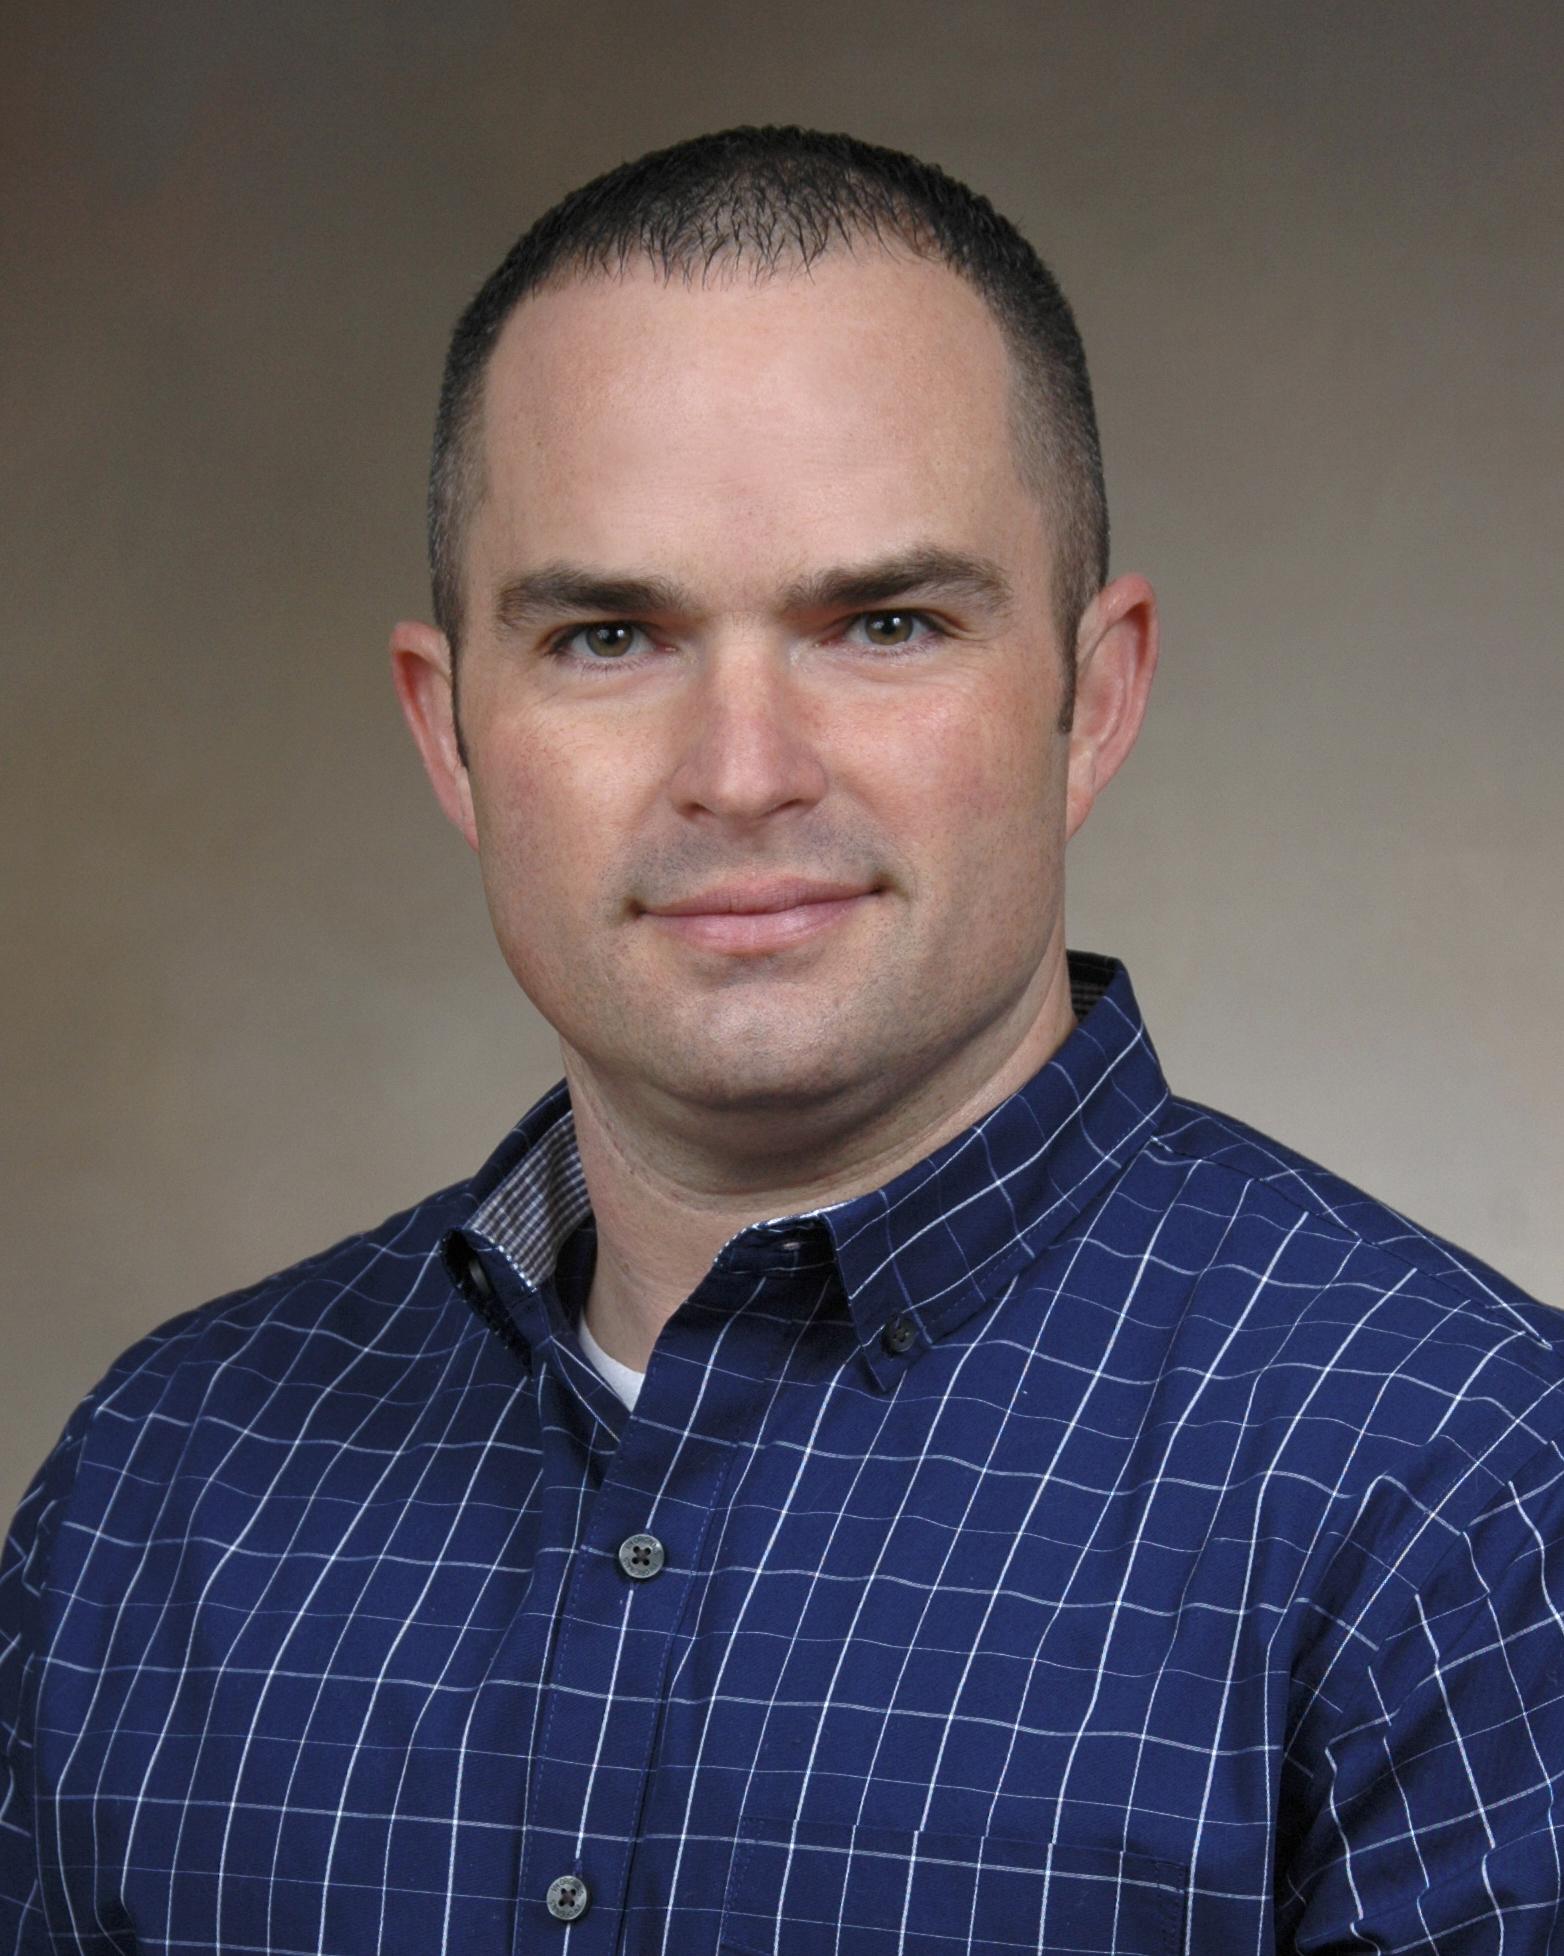 Travis Stetnish